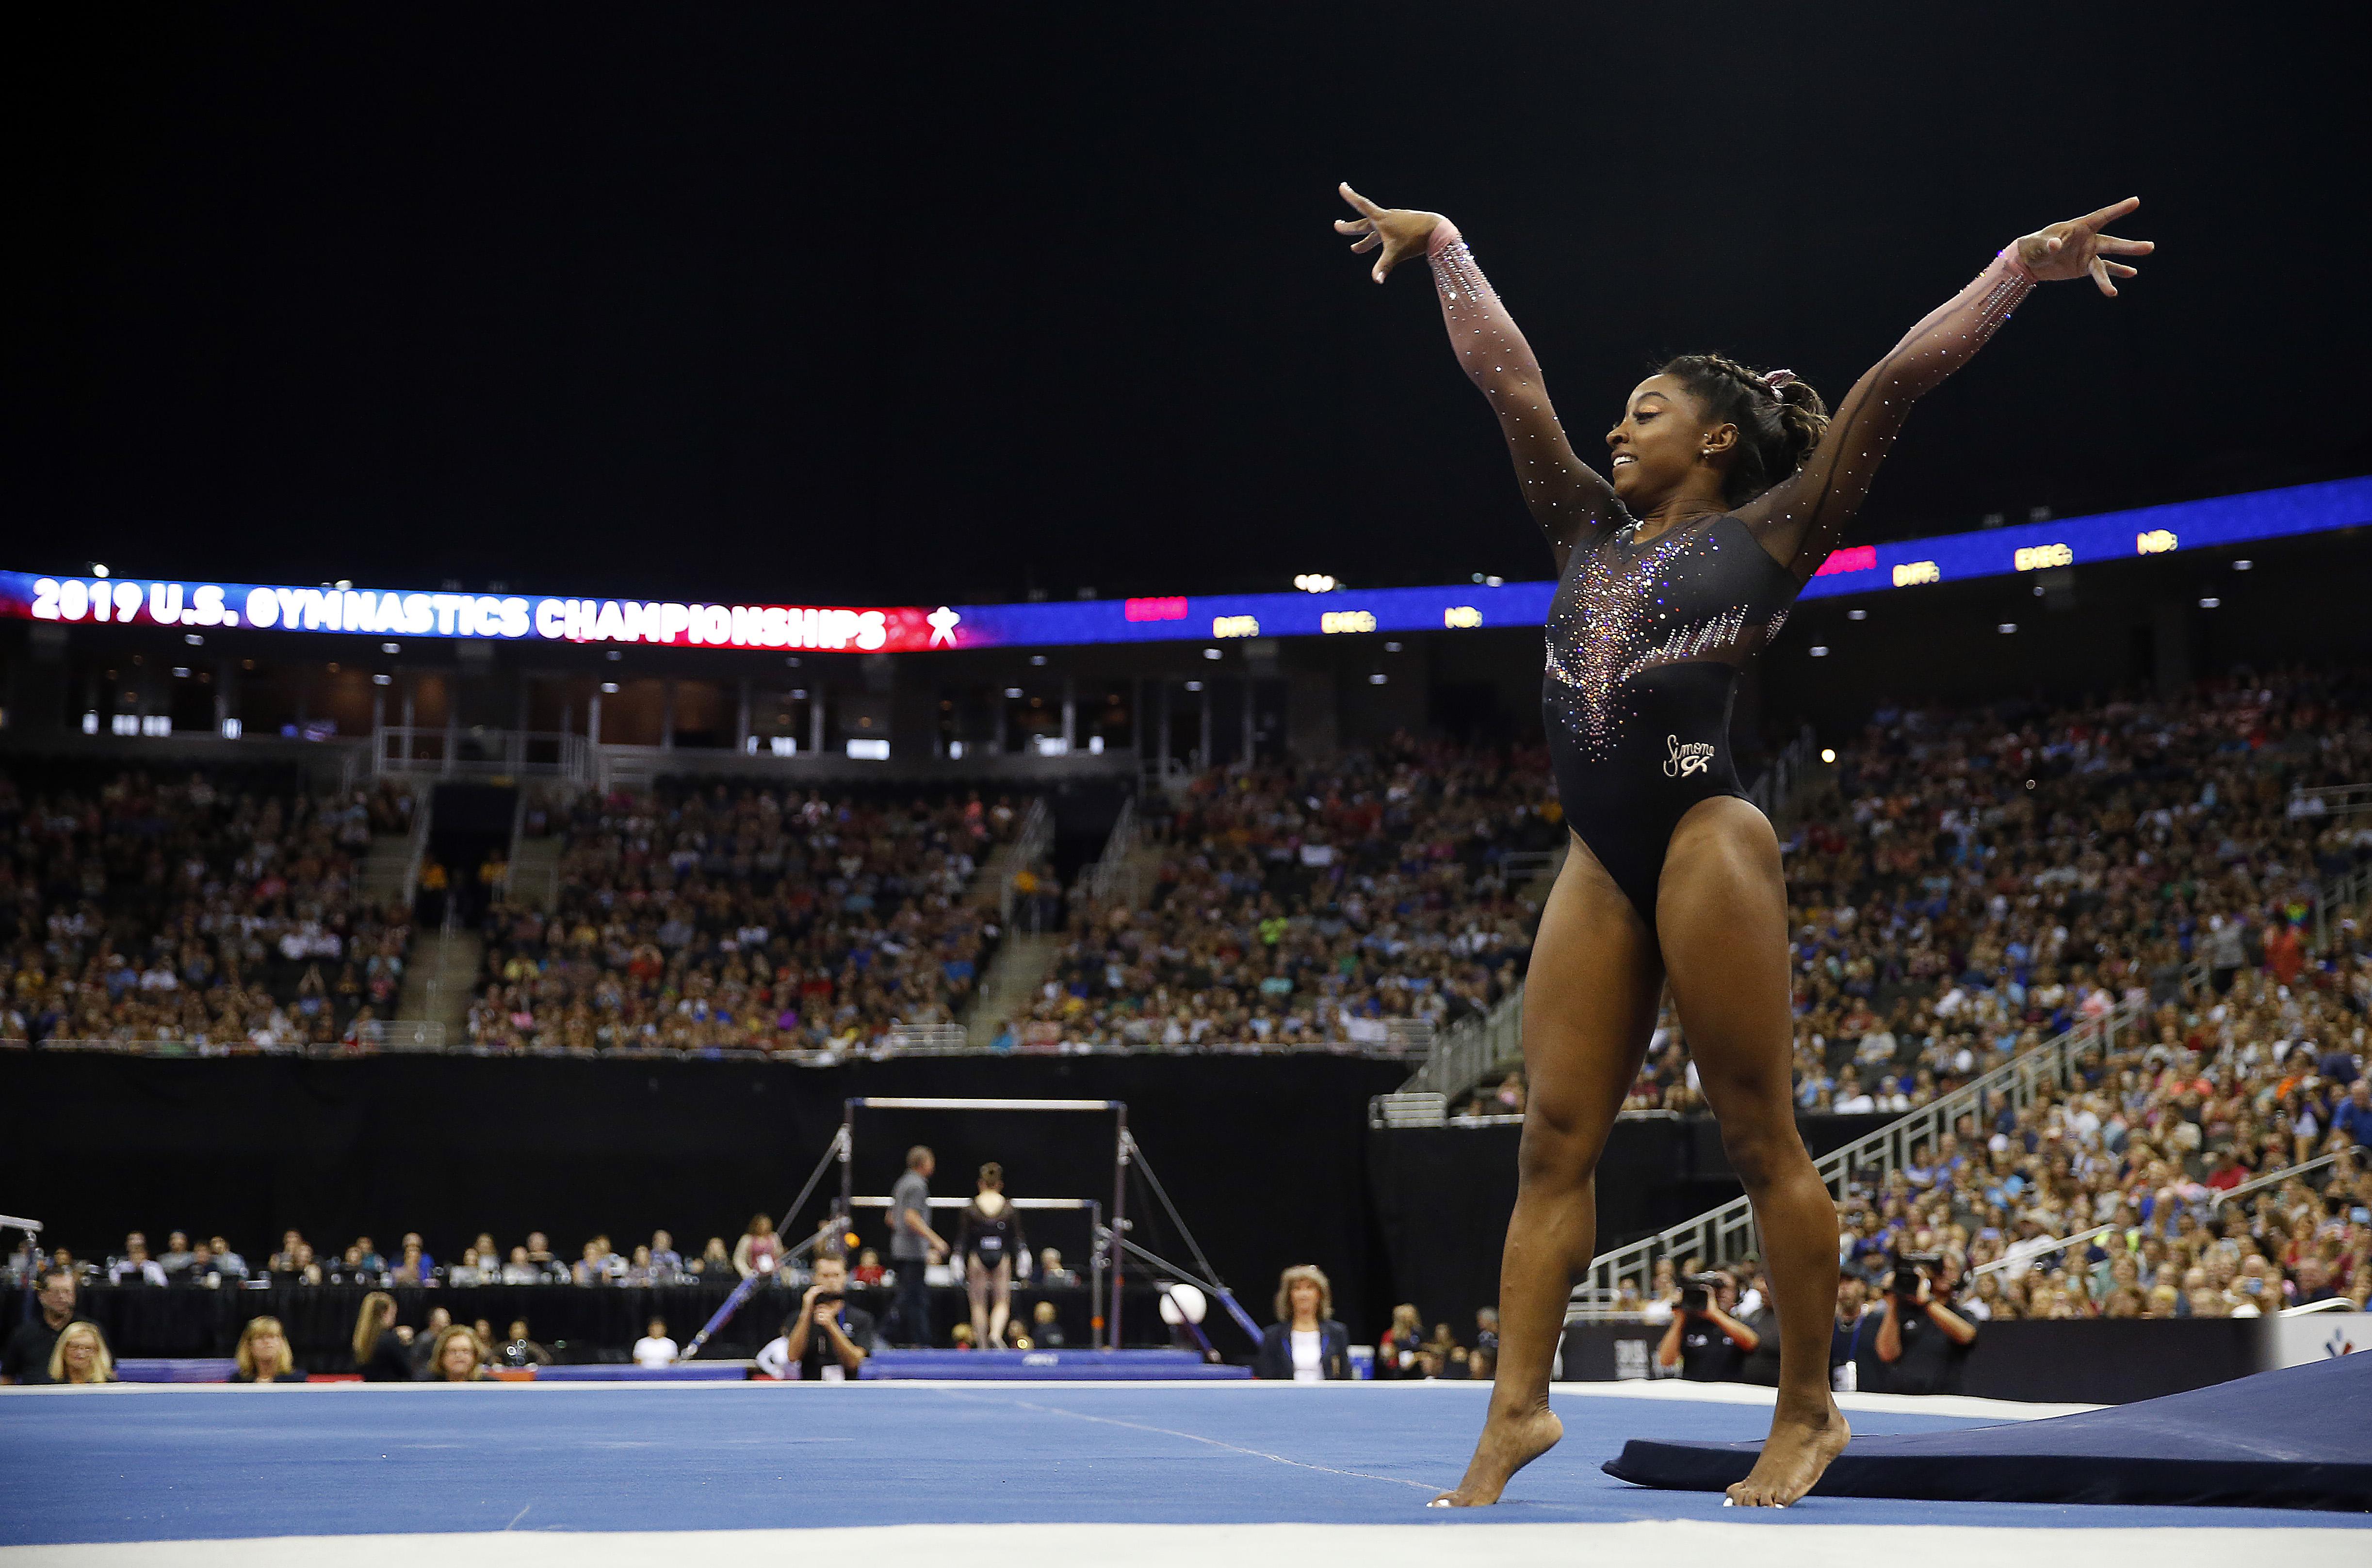 Simone Biles keeps raising the bar in a sport that failed her